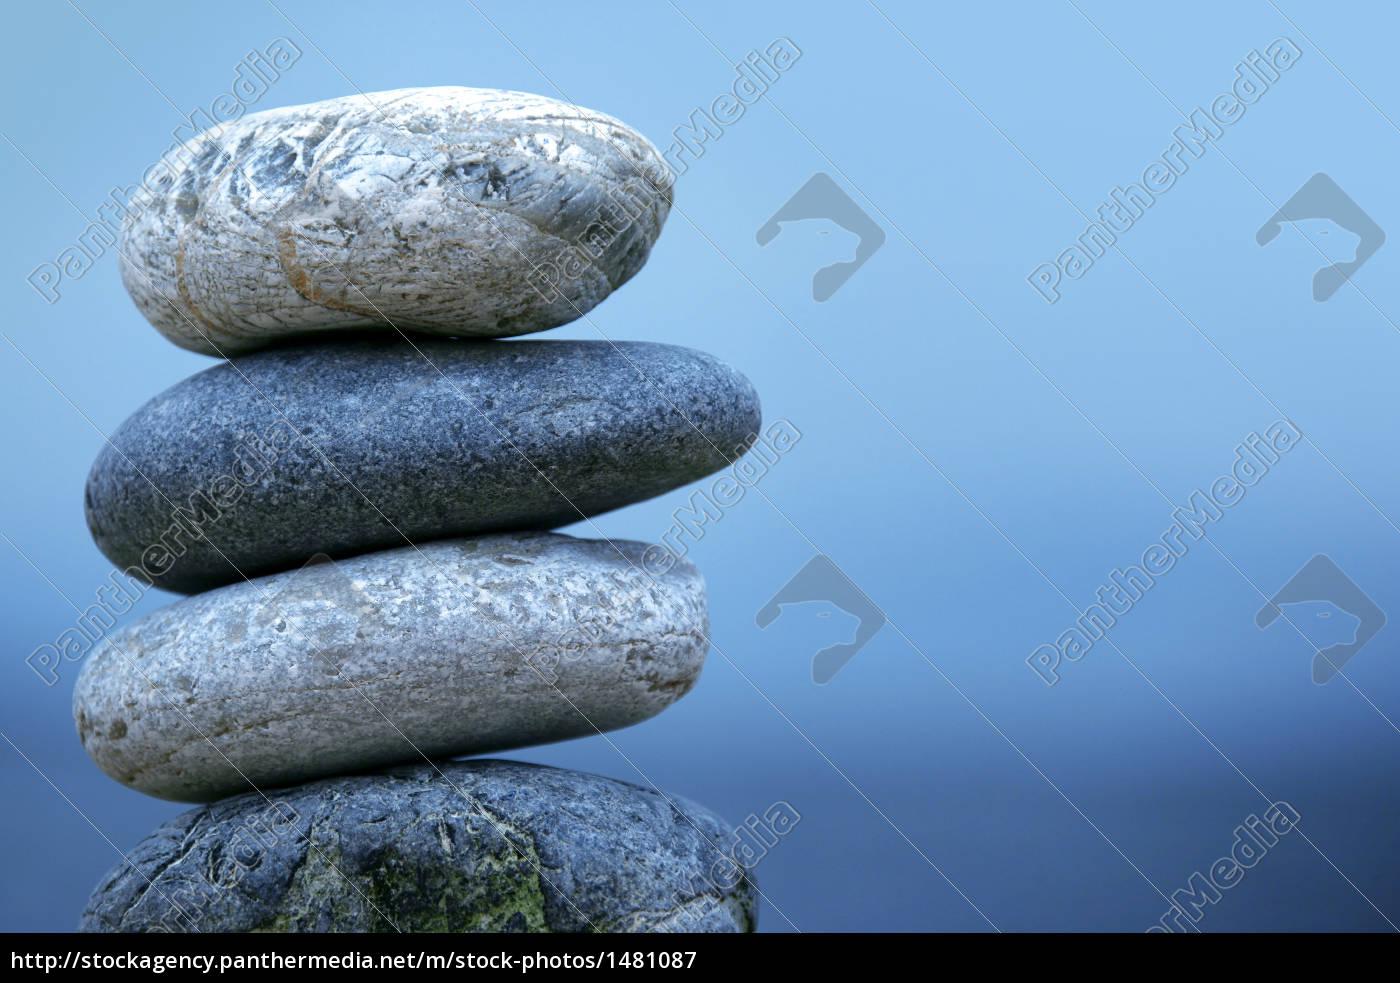 pile, of, pebble, stones, - 1481087